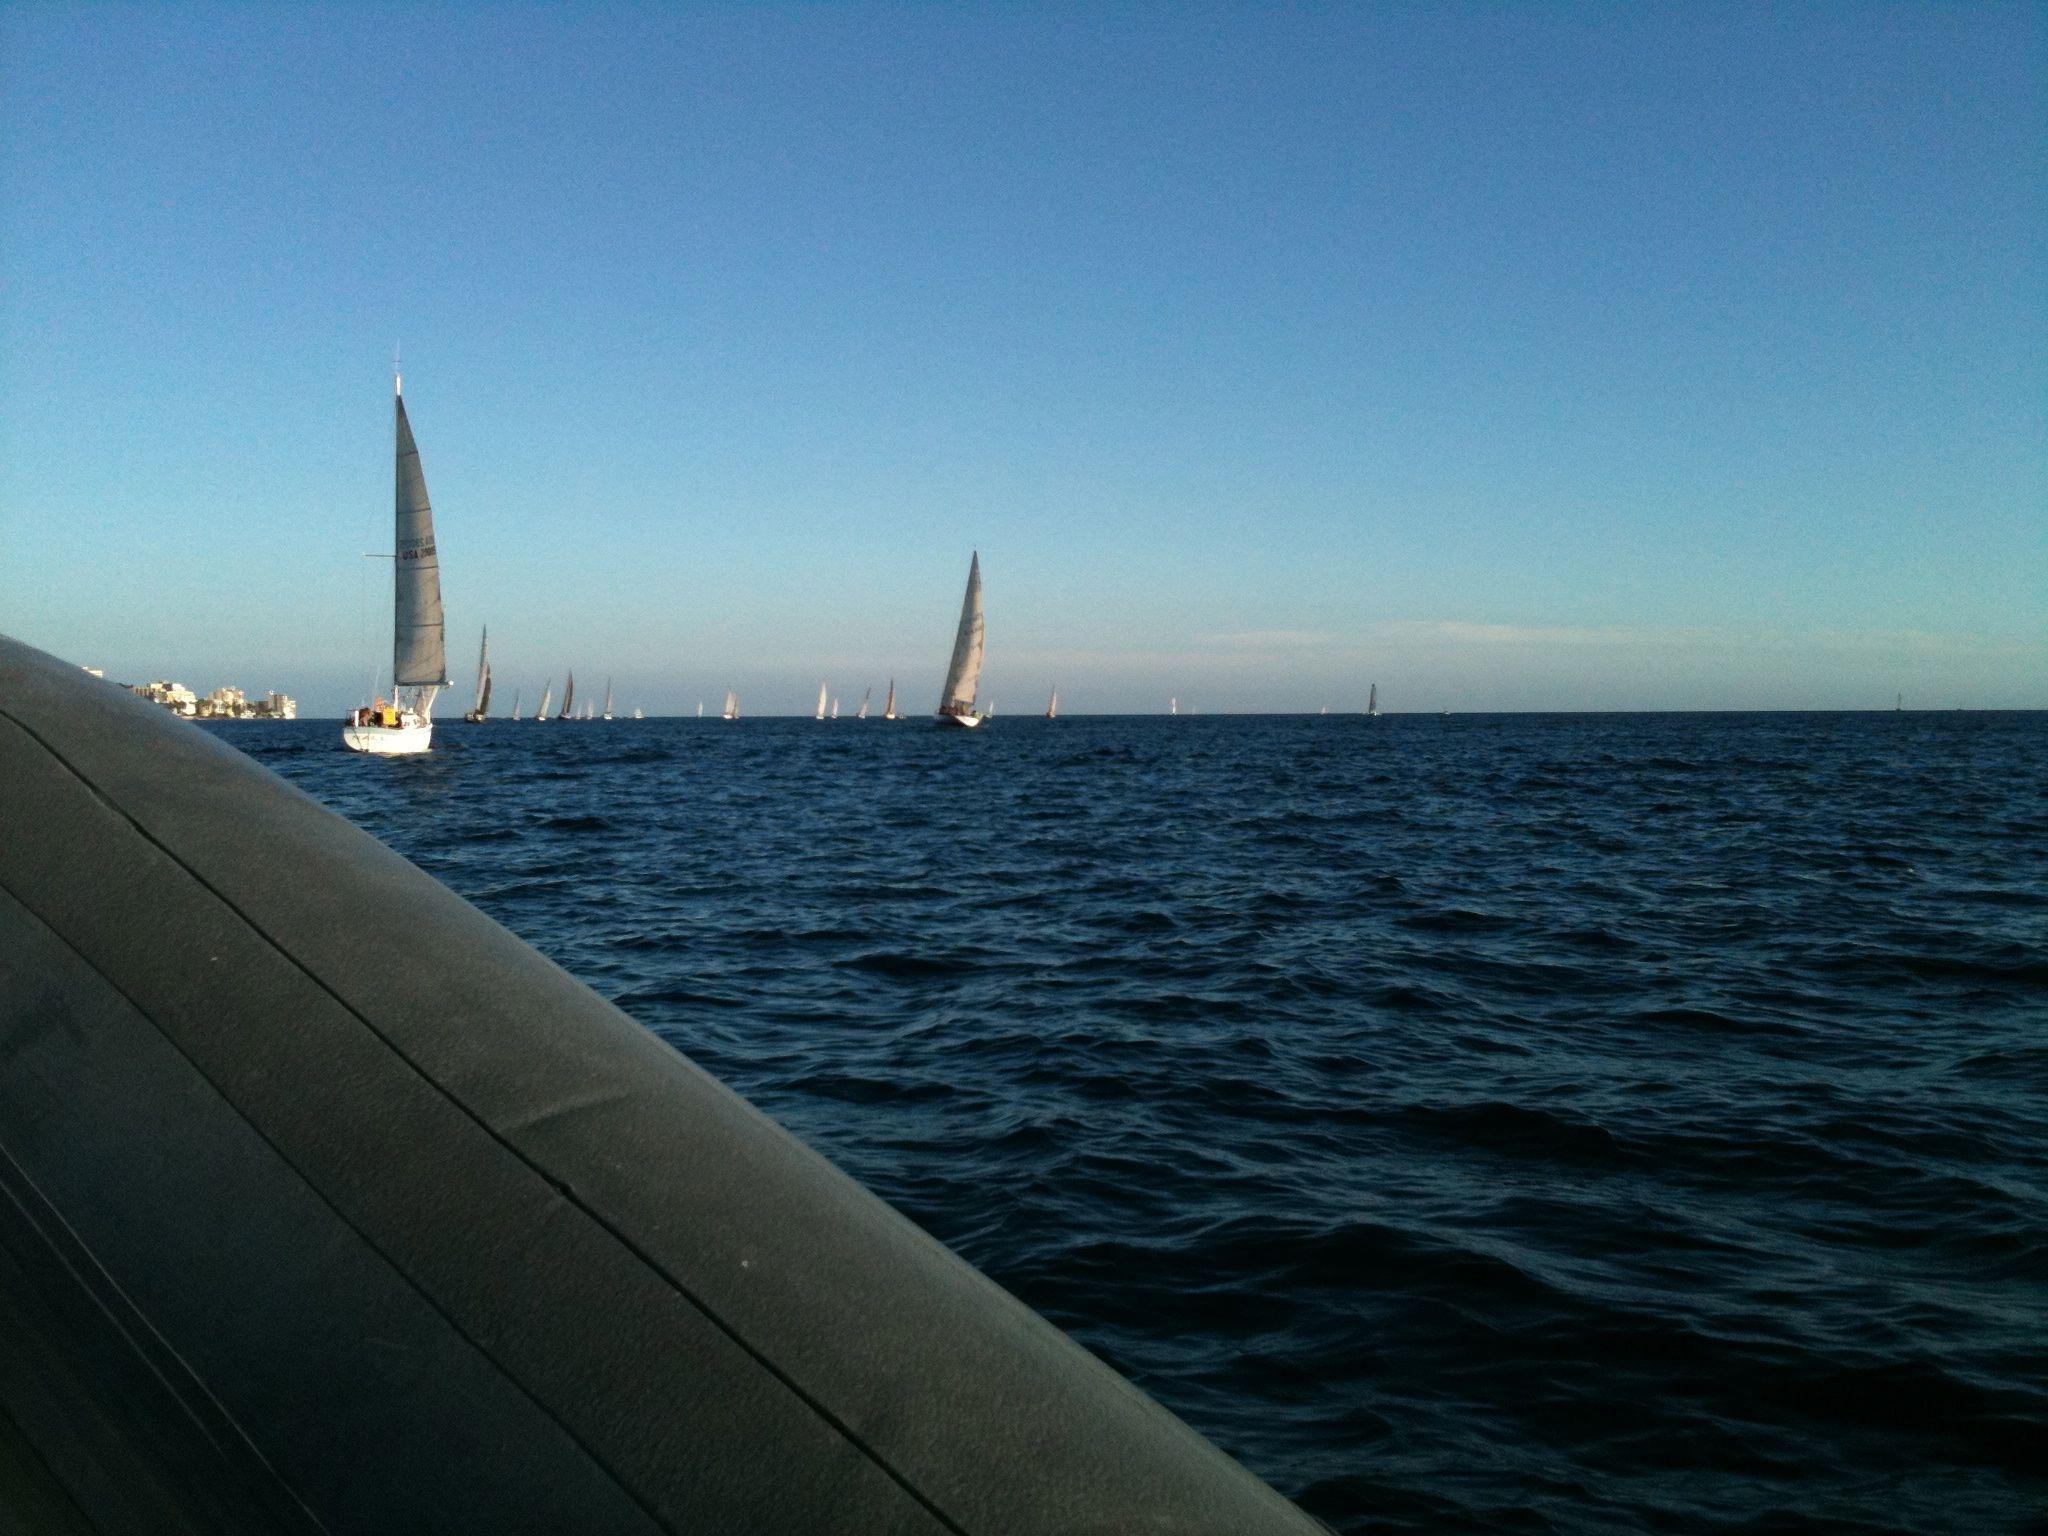 sailing race off of Waikiki ,Hawaii